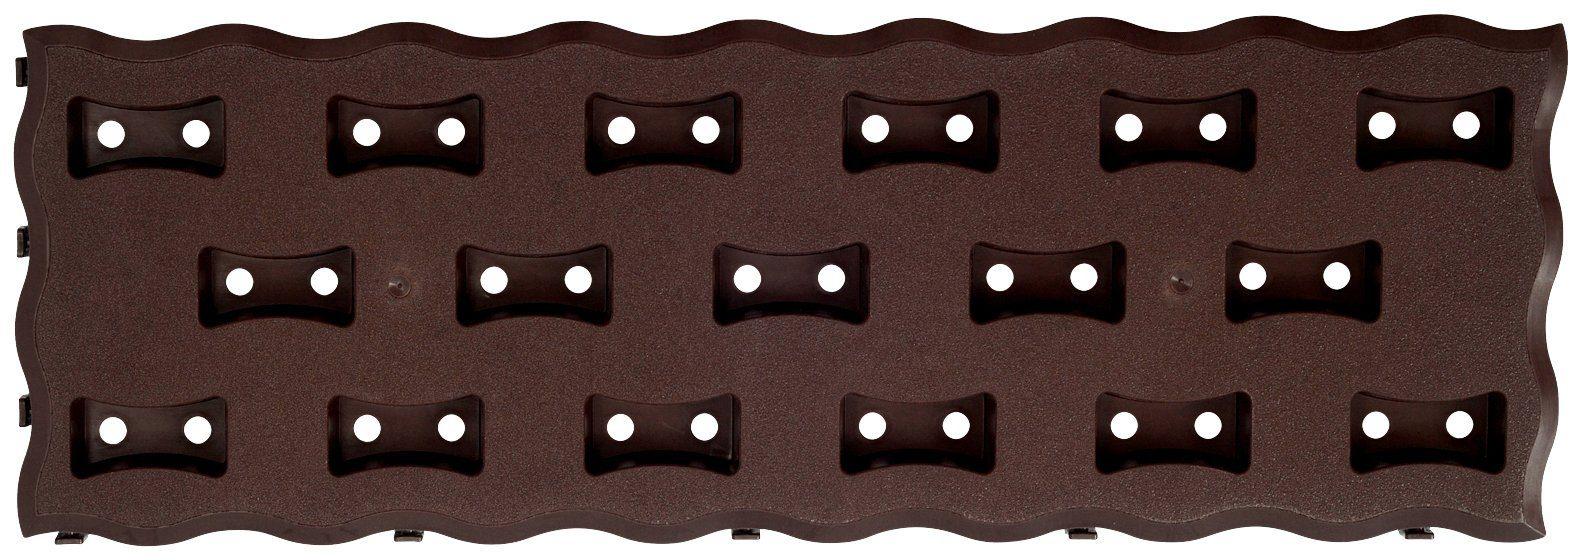 PROSPERPLAST Beetplatte »Pad R222«, LxBxH: 60x20x2,5 cm, dunkelbraun